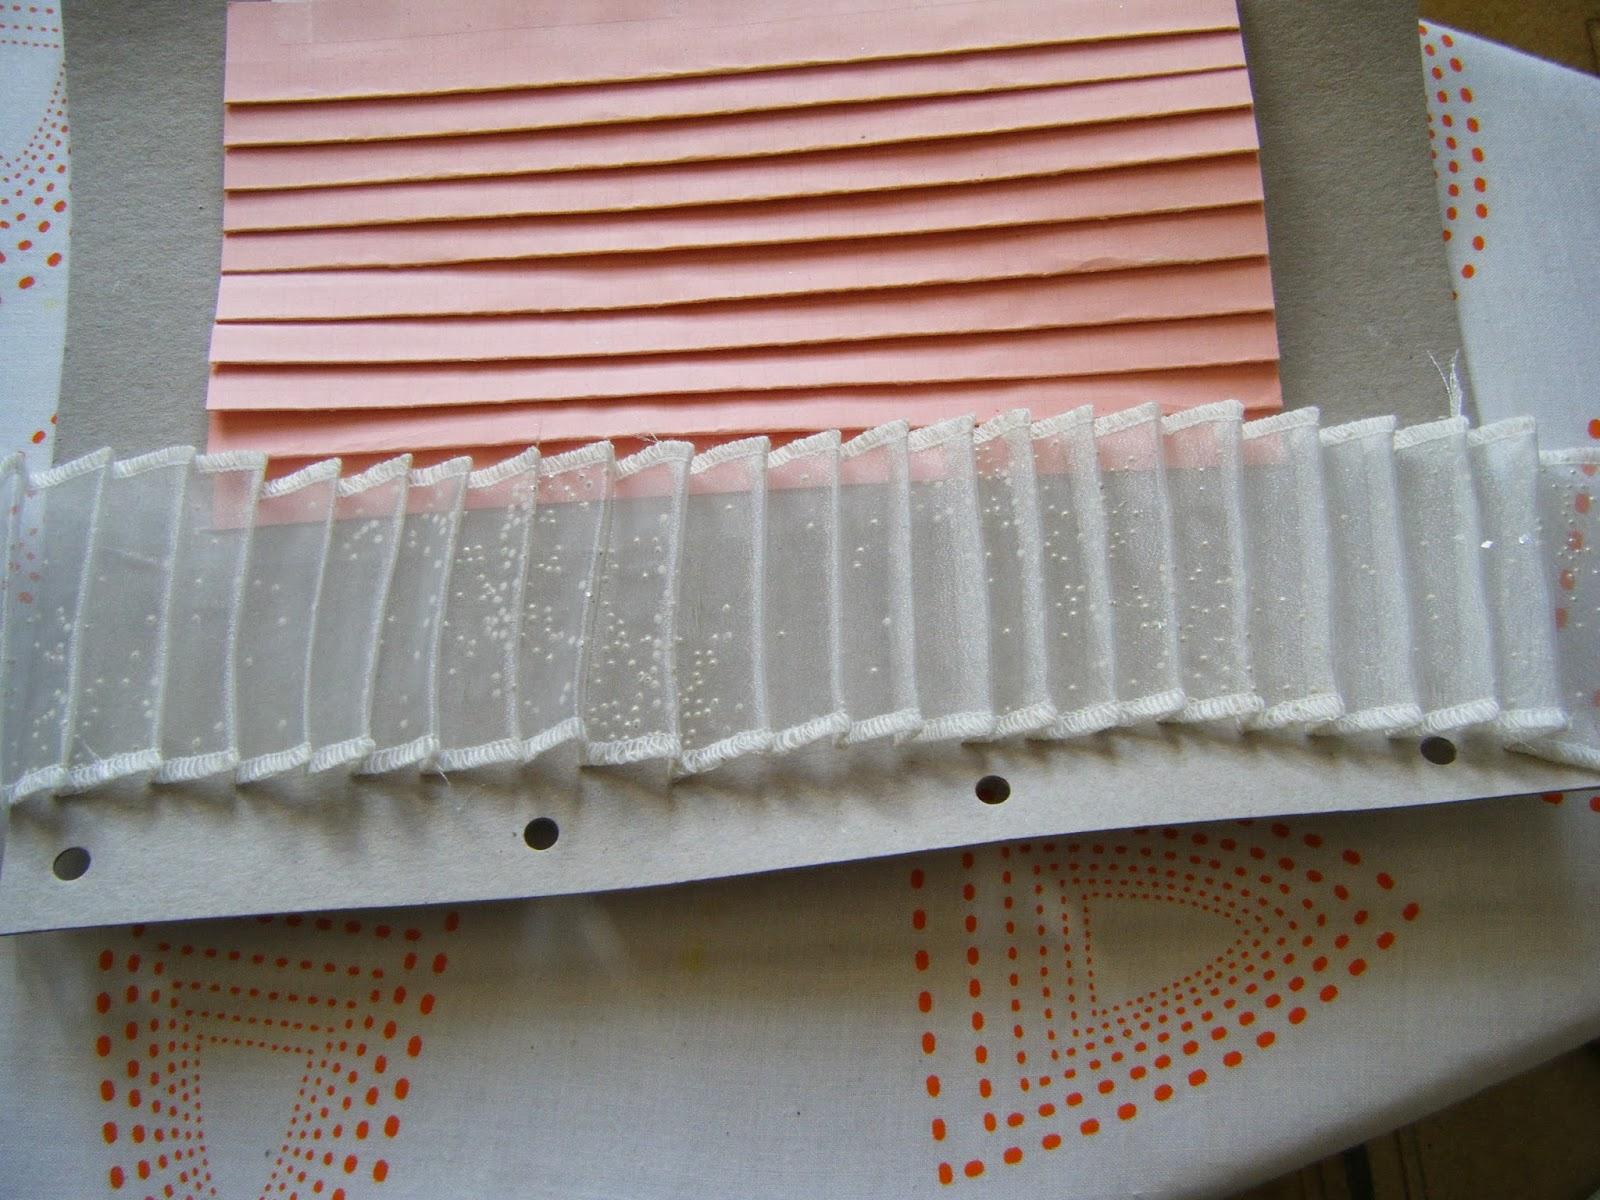 monscrapenplumes tuto cr er une planche plisser maison pour gagner du temps. Black Bedroom Furniture Sets. Home Design Ideas